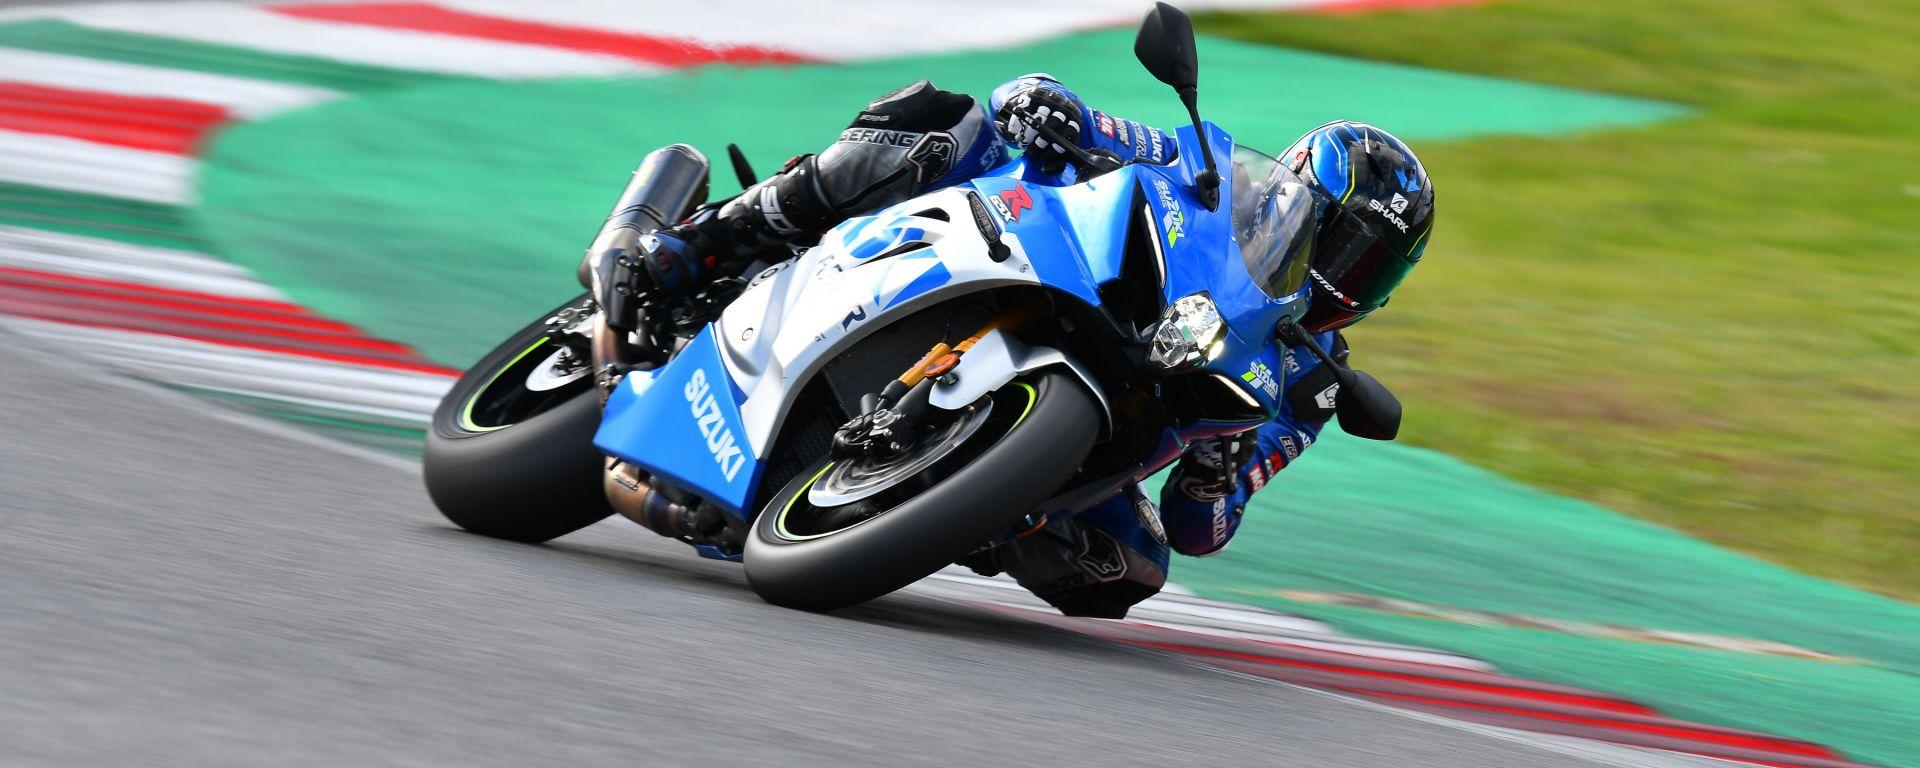 Suzuki GSX-R1000 R Anniversary: la supersportiva con la livrea MotoGP e terminale Akrapovic